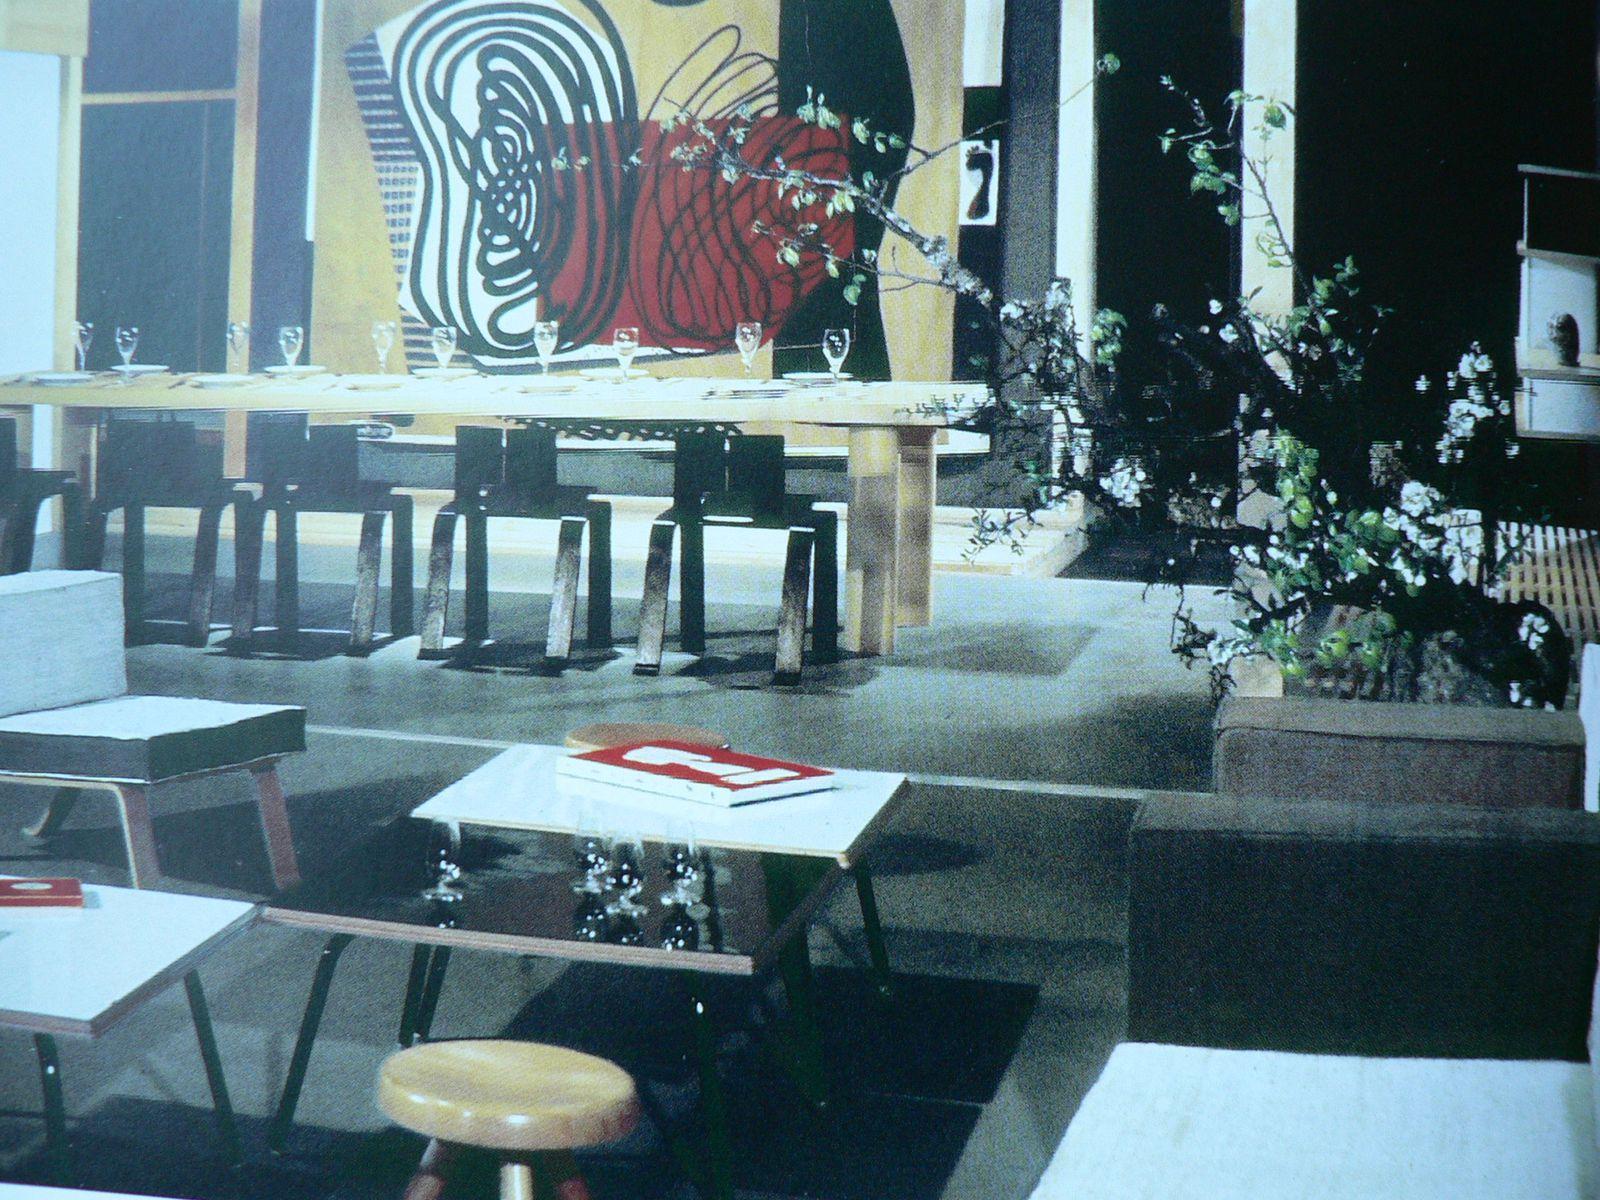 Proposition Dune Synthse Des Arts Paris 1955 Un